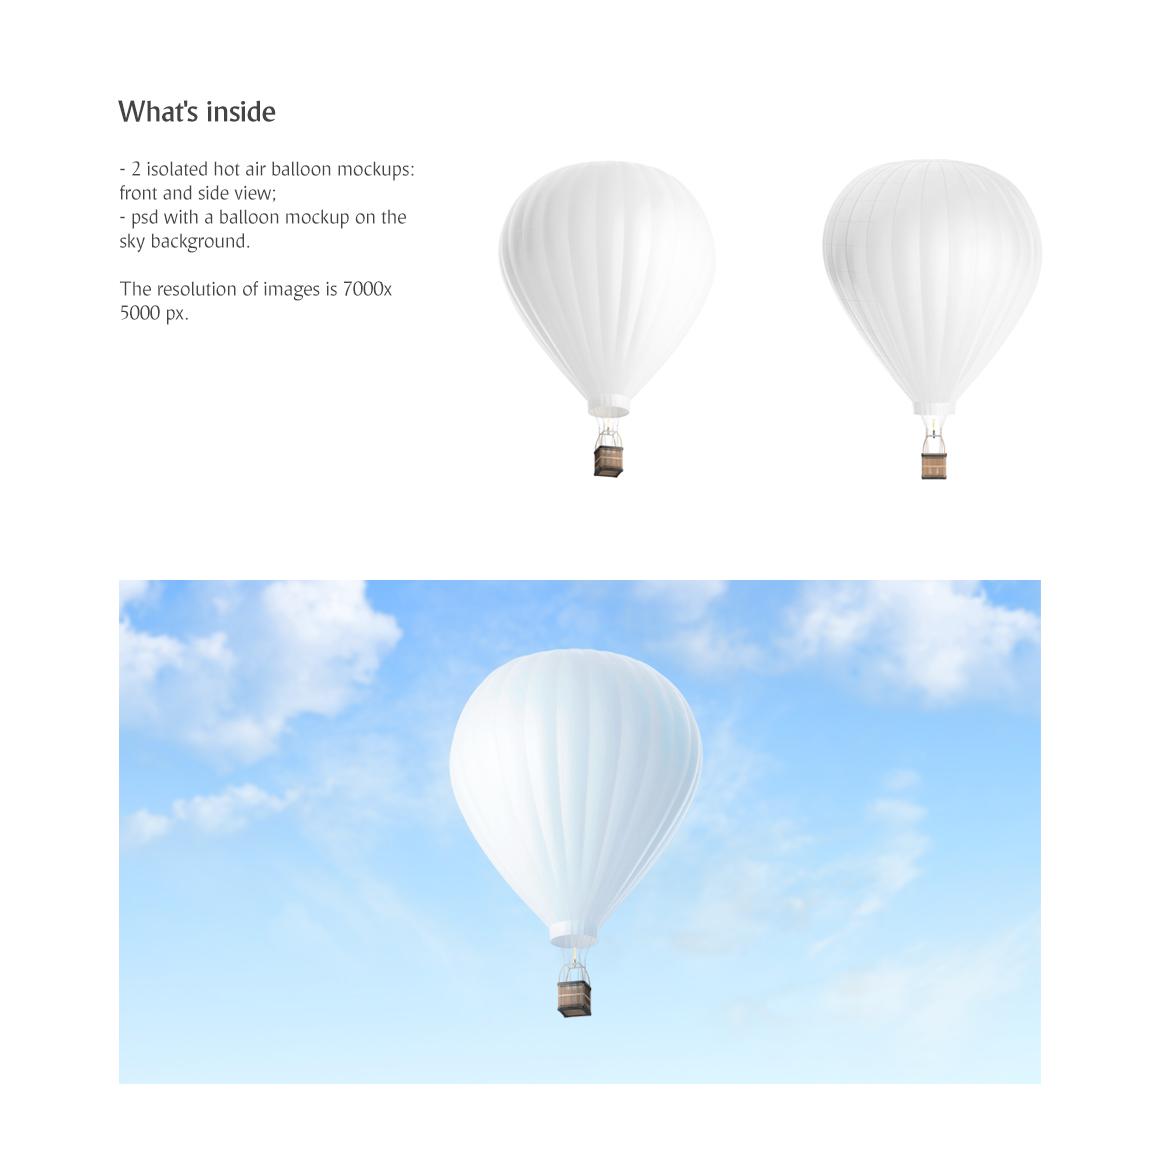 Hot Air Balloon Mockup example image 2